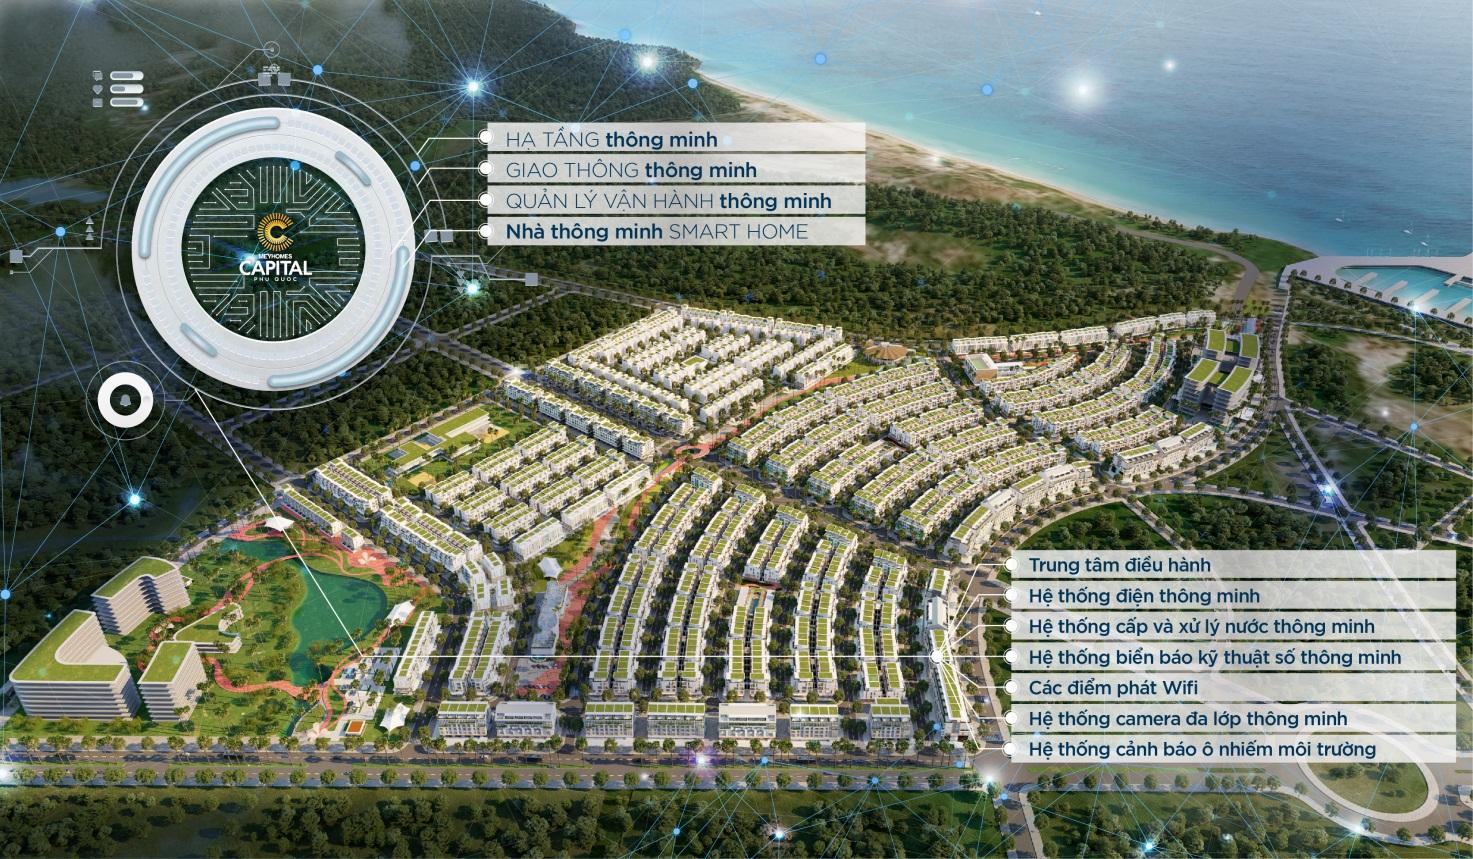 Hệ thống quản lý thông minh Đại đô thị Meyhomes